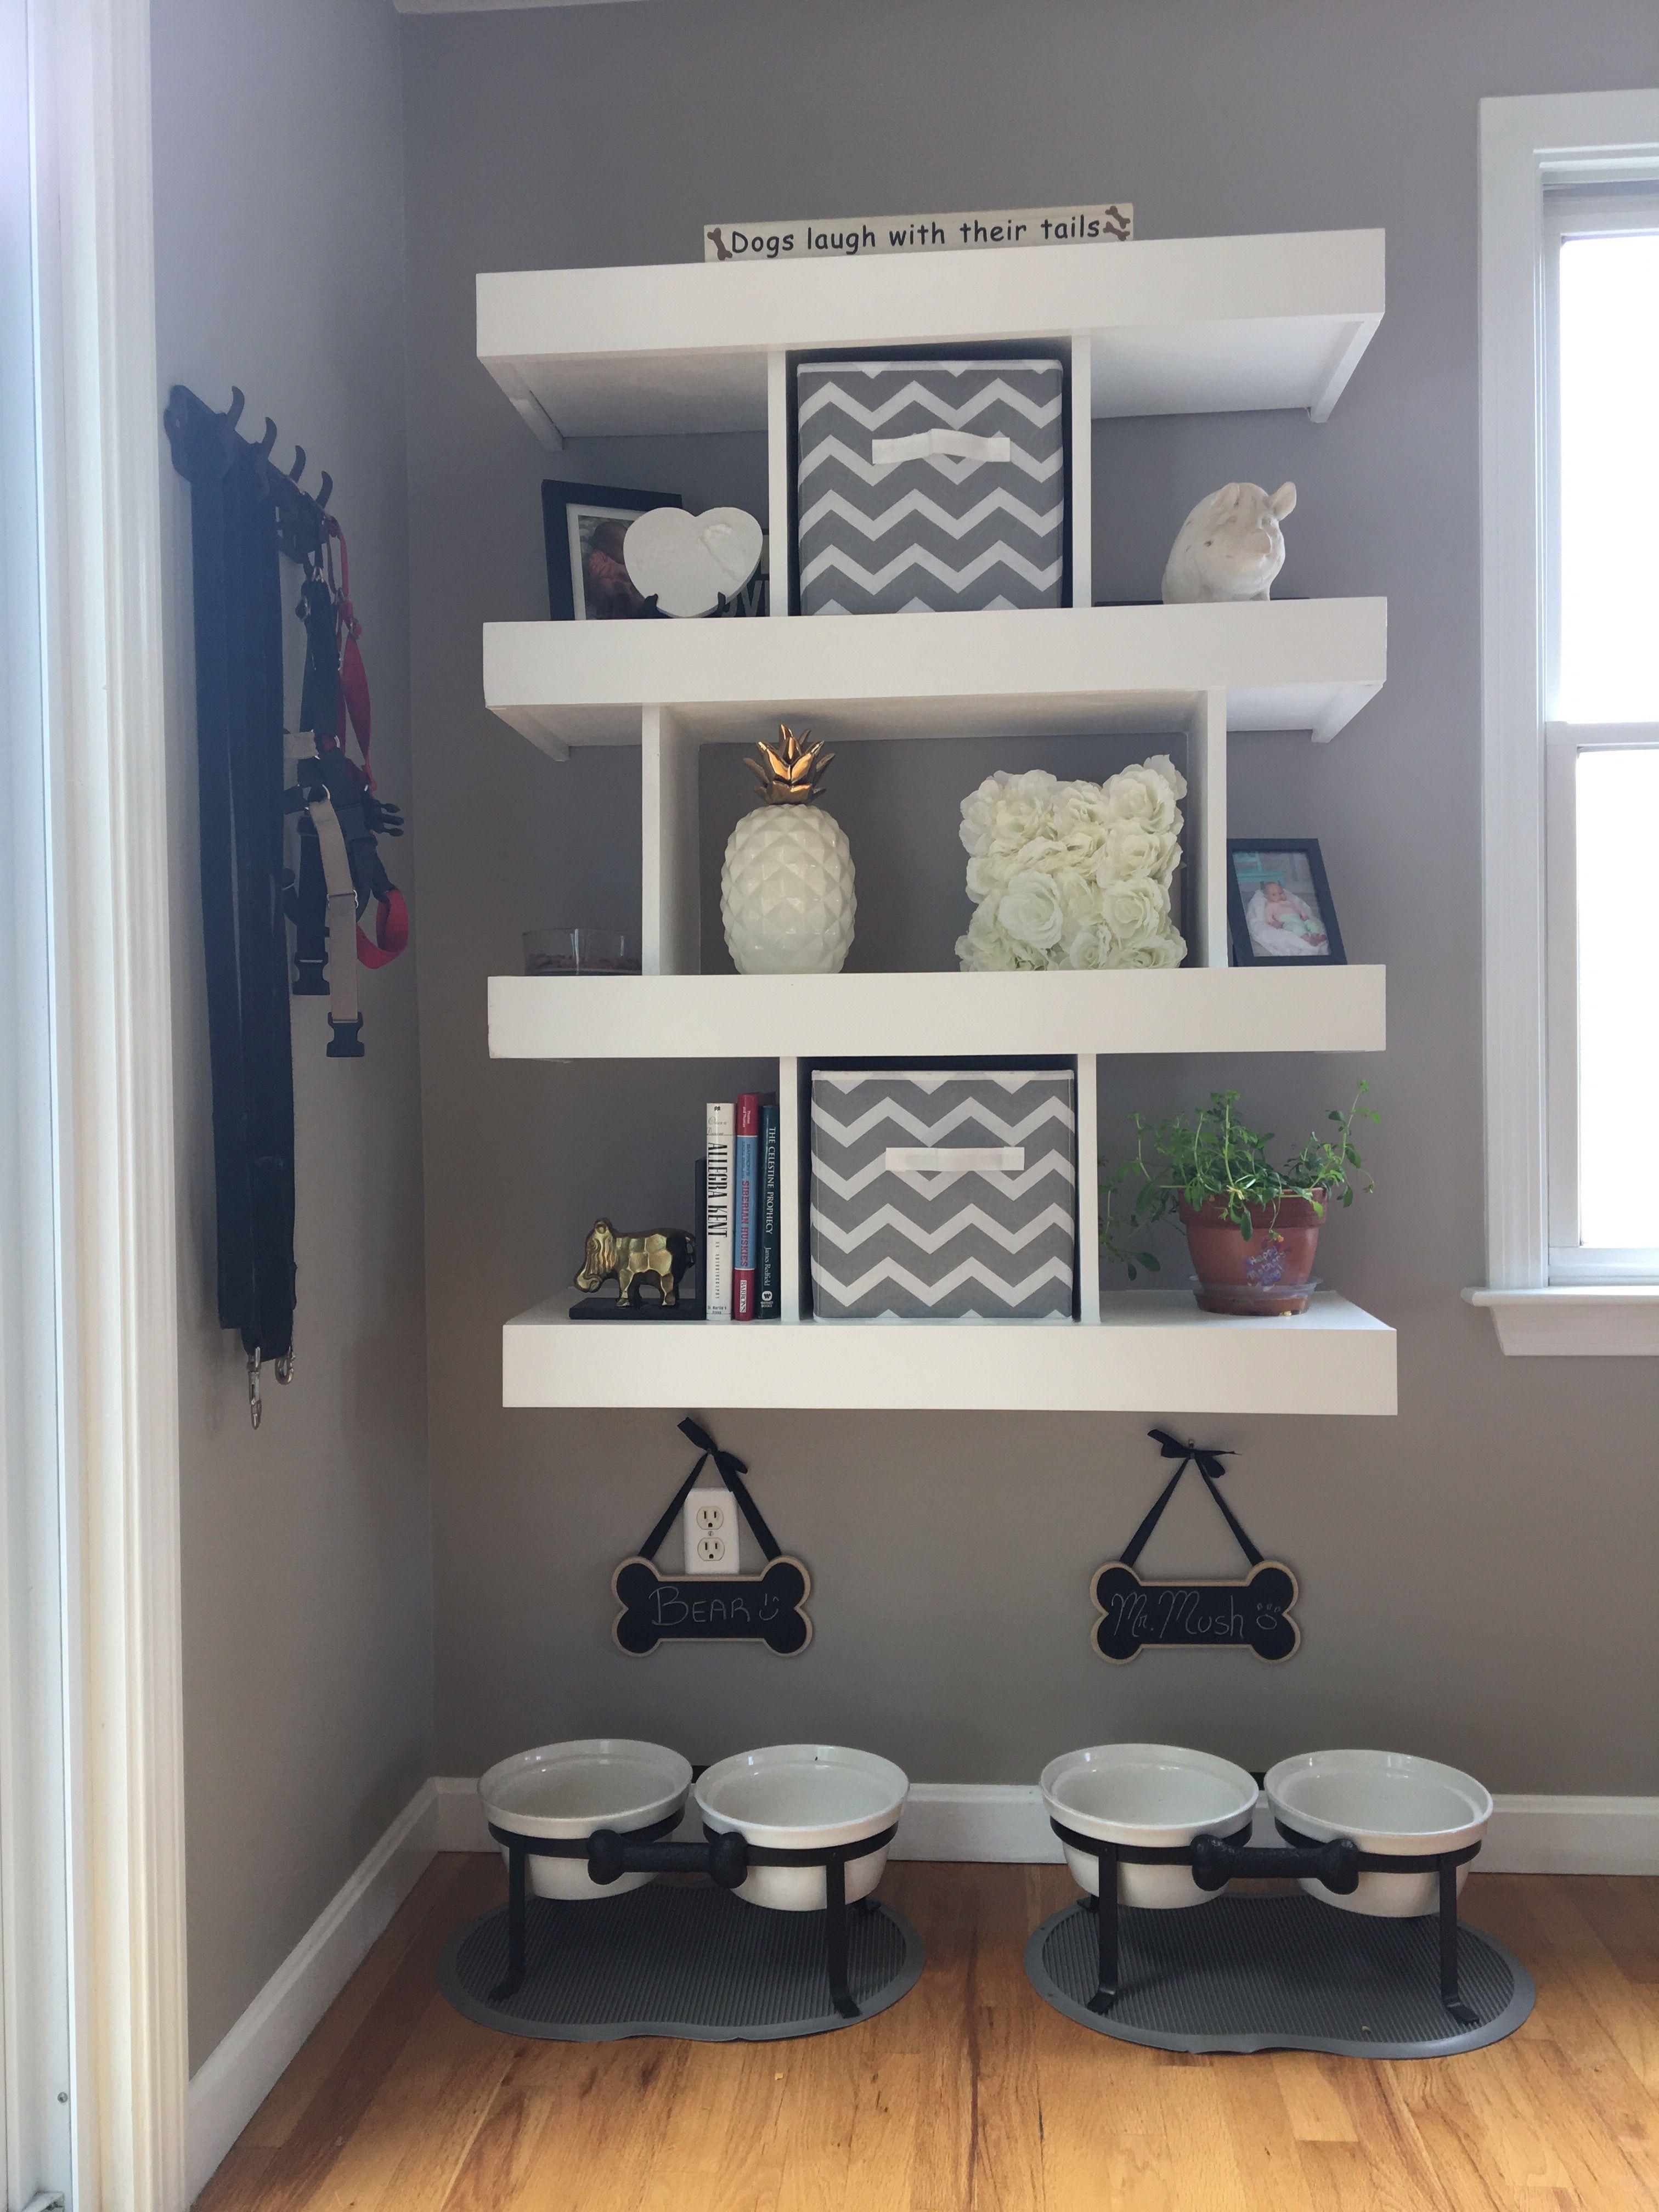 Organization shelves for indoor dog area Dog home decor